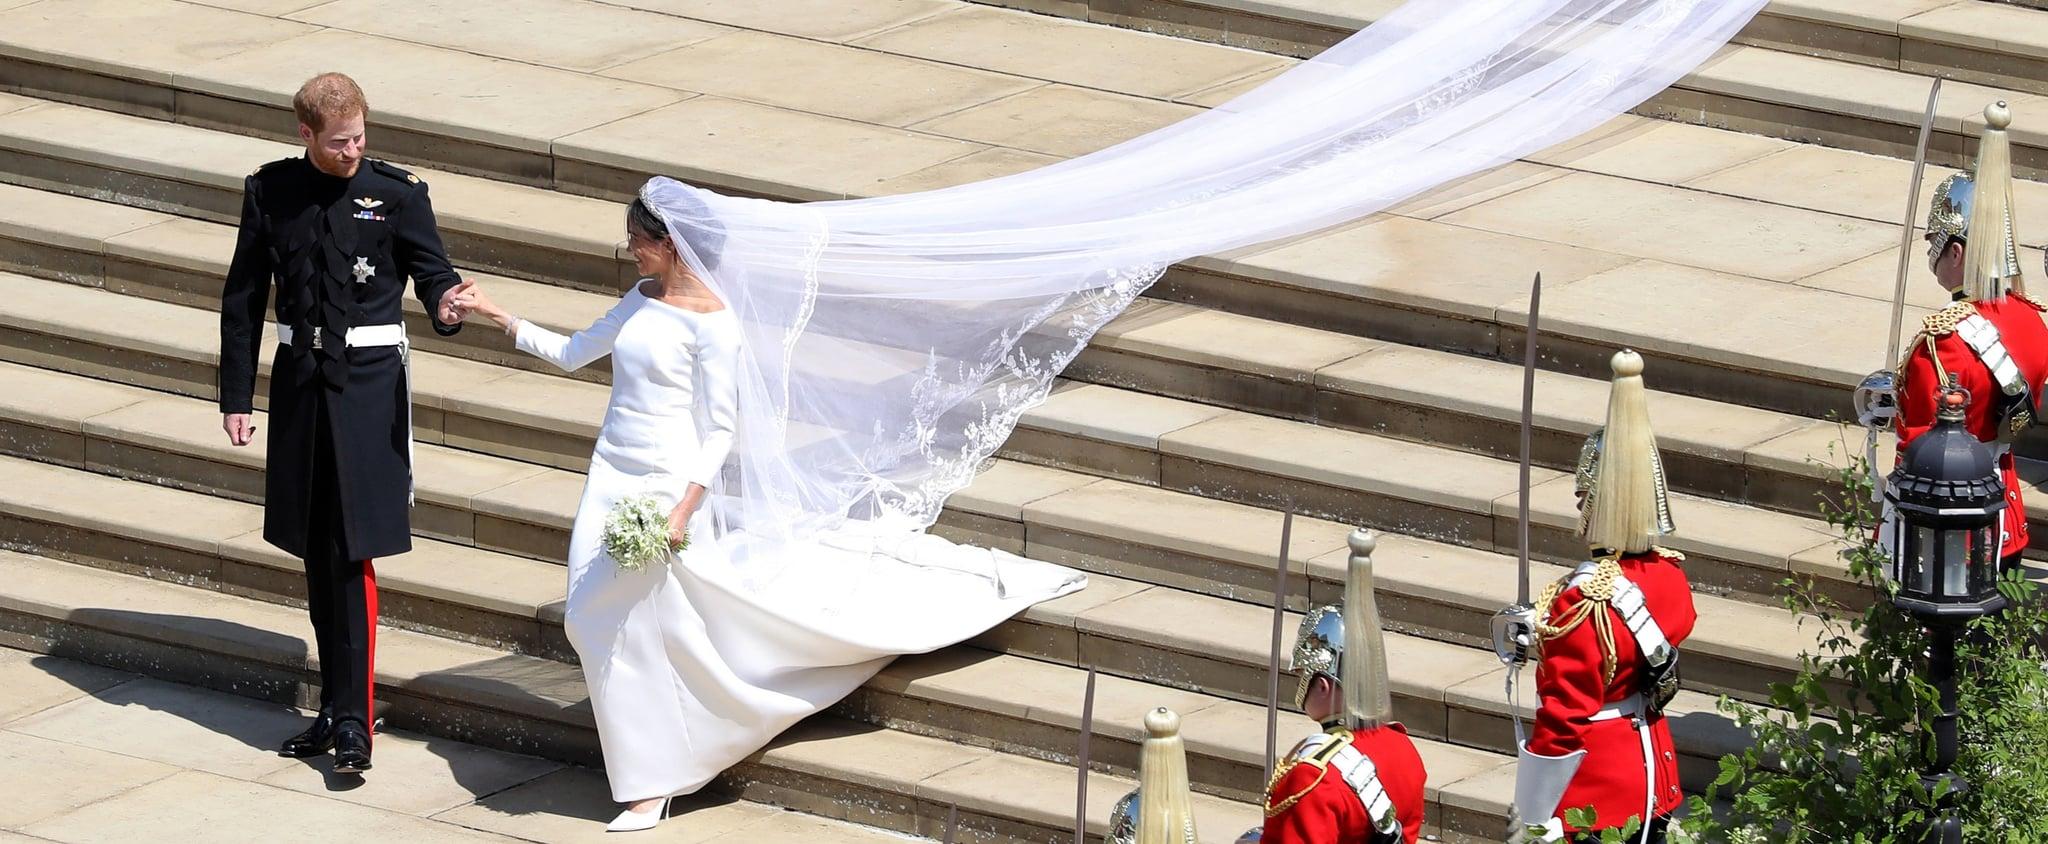 Royal Wedding Cinderella Comparisons 2018